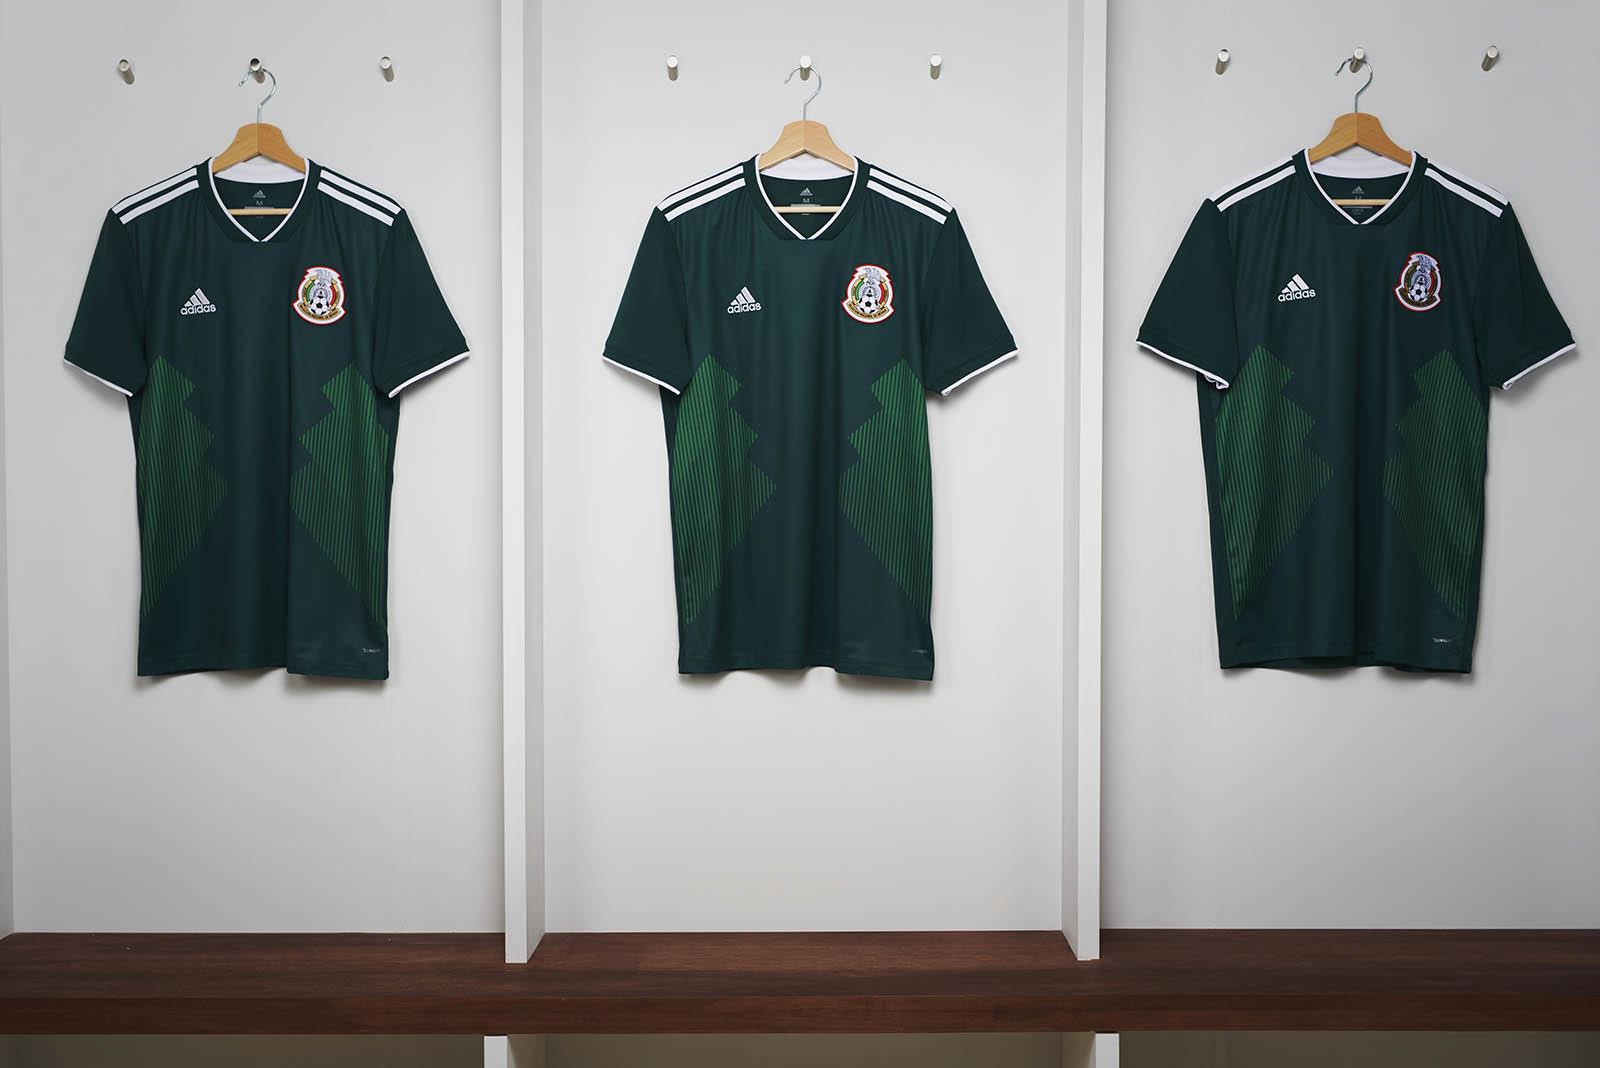 Le maglie Adidas del Messico per Russia '18 | numerosette.eu